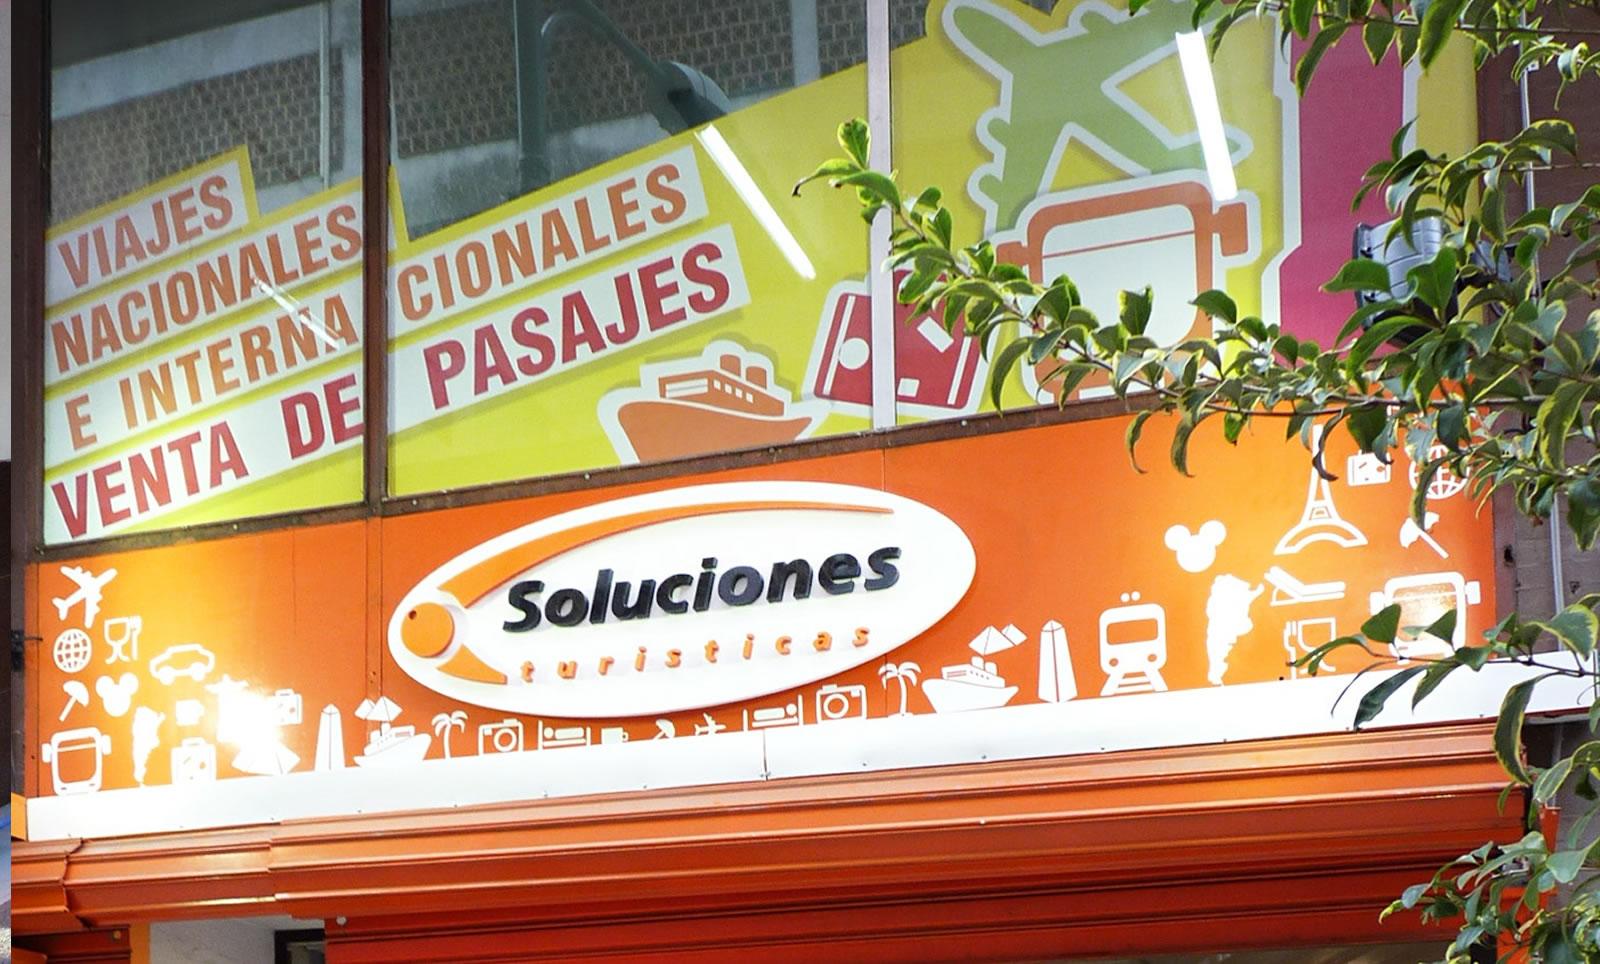 Bienvenidos_a_soluciones_turisticas